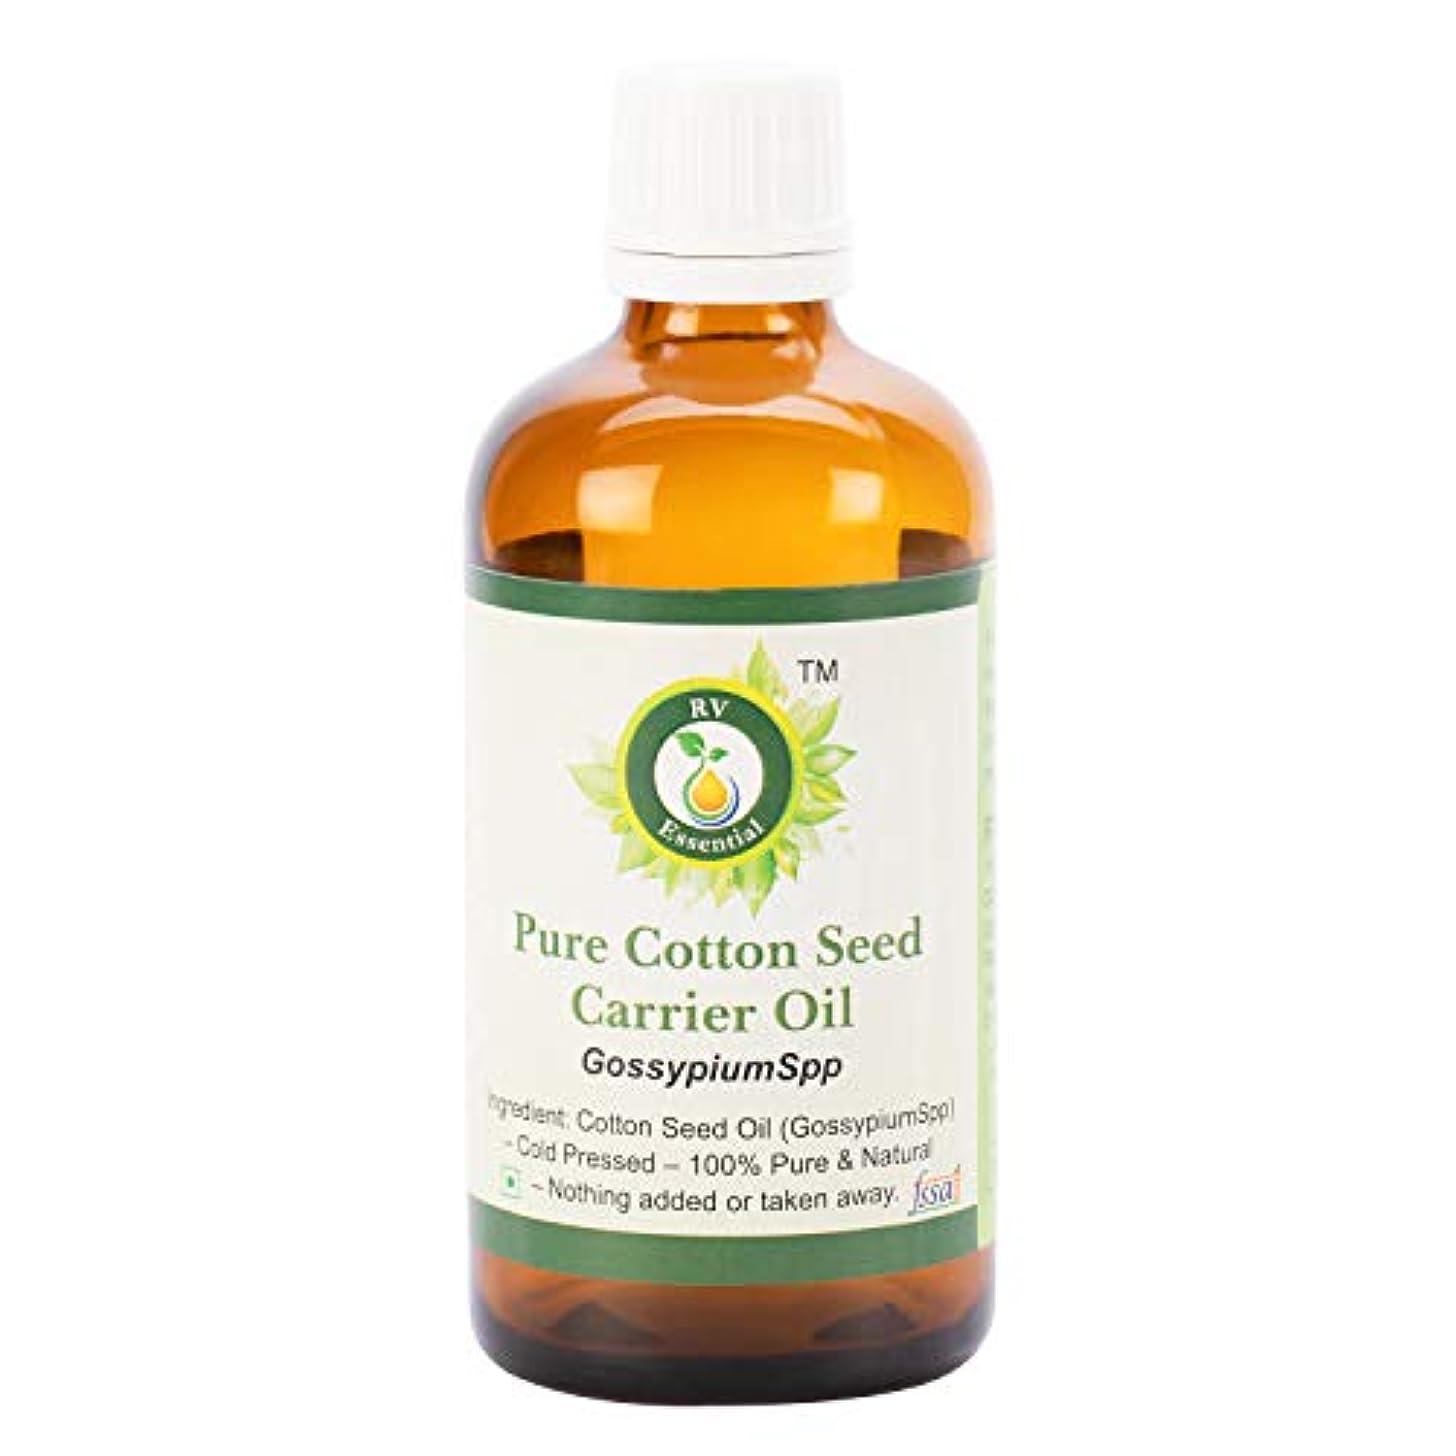 深遠卑しいプランターR V Essential 純粋な綿の種子キャリアオイル10ml (0.338oz)- Gossypium Spp (100%ピュア&ナチュラルコールドPressed) Pure Cotton Seed Carrier...